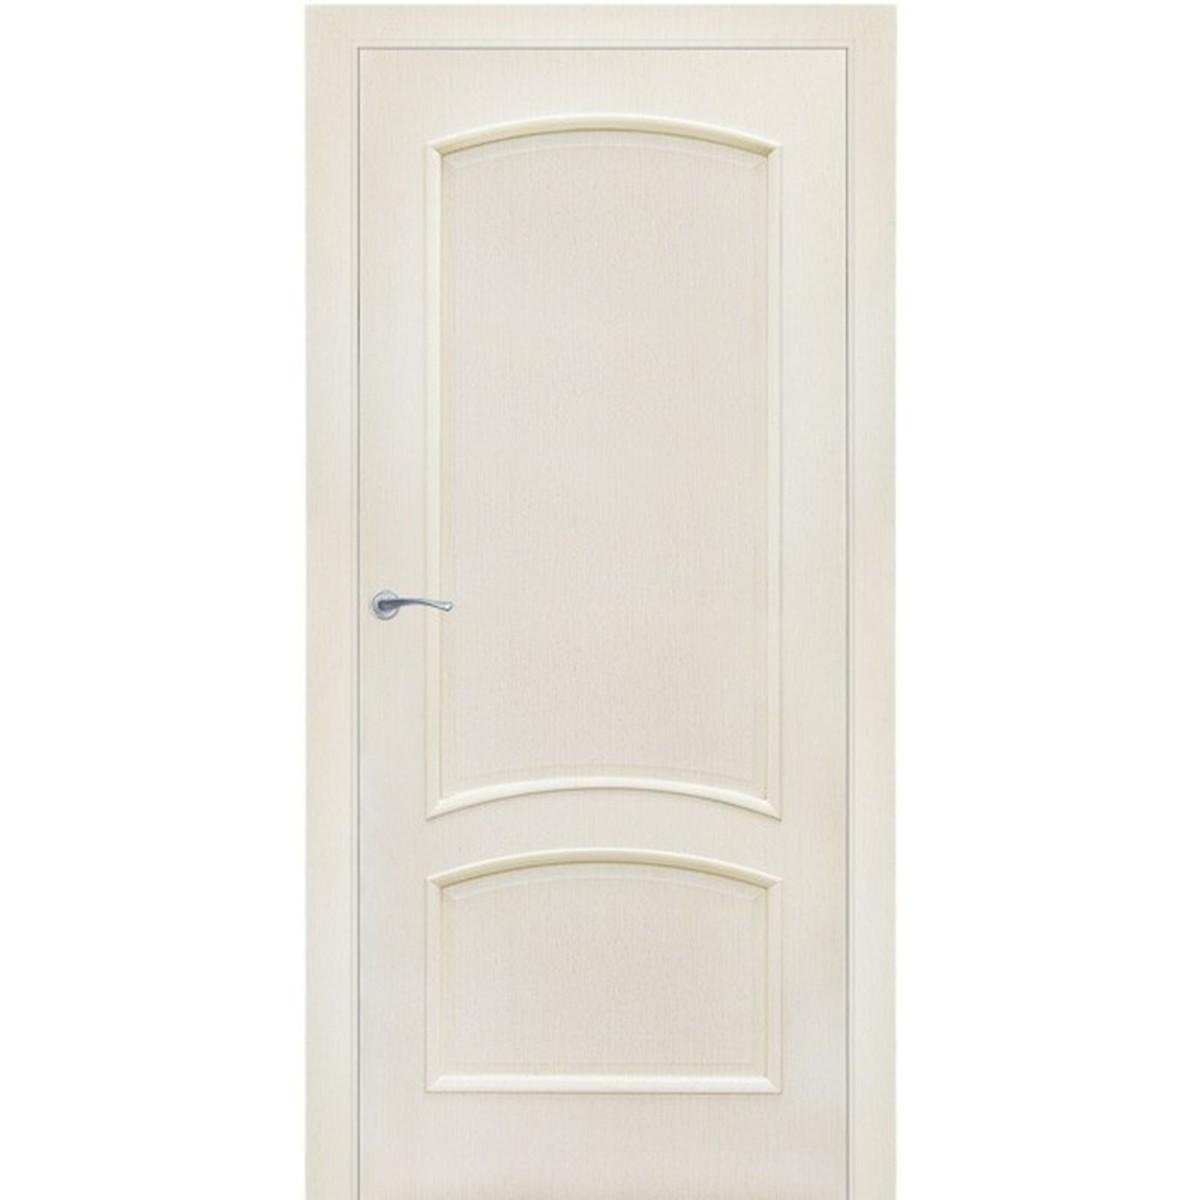 Дверь межкомнатная глухая Bravo 90x200 см ламинация цвет меланж